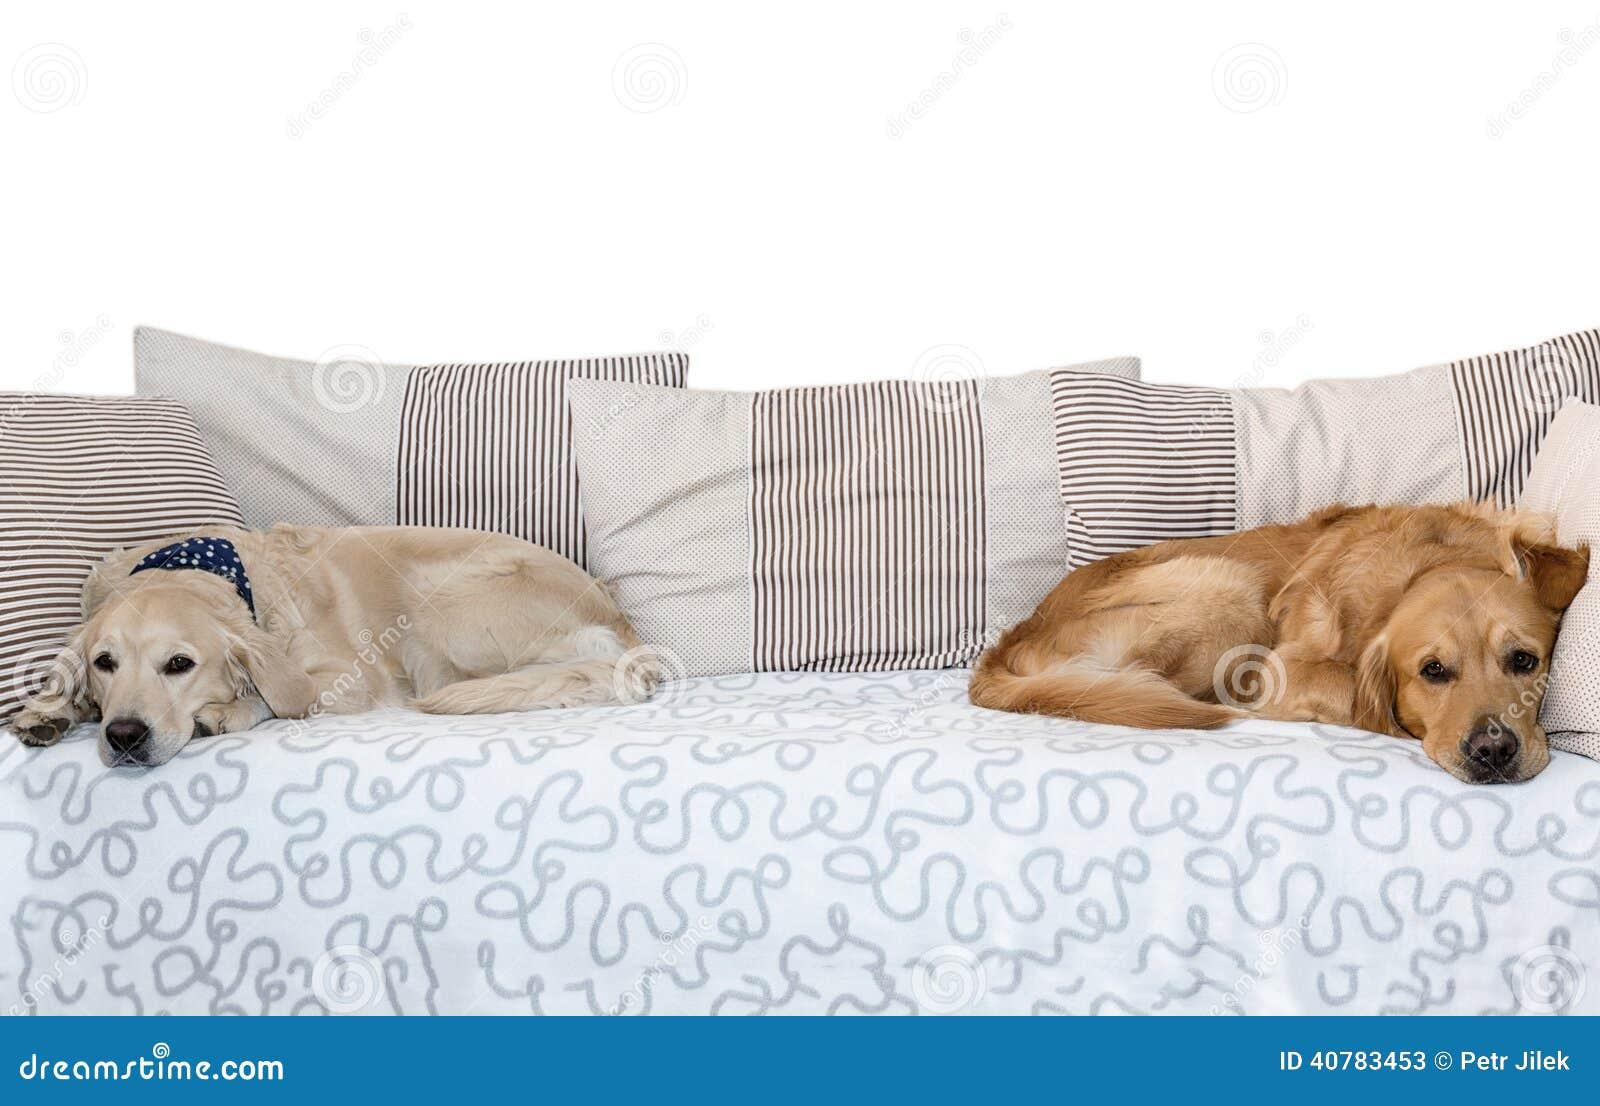 Due cani che si trovano a letto sul fondo bianco - Letto che si chiude ...